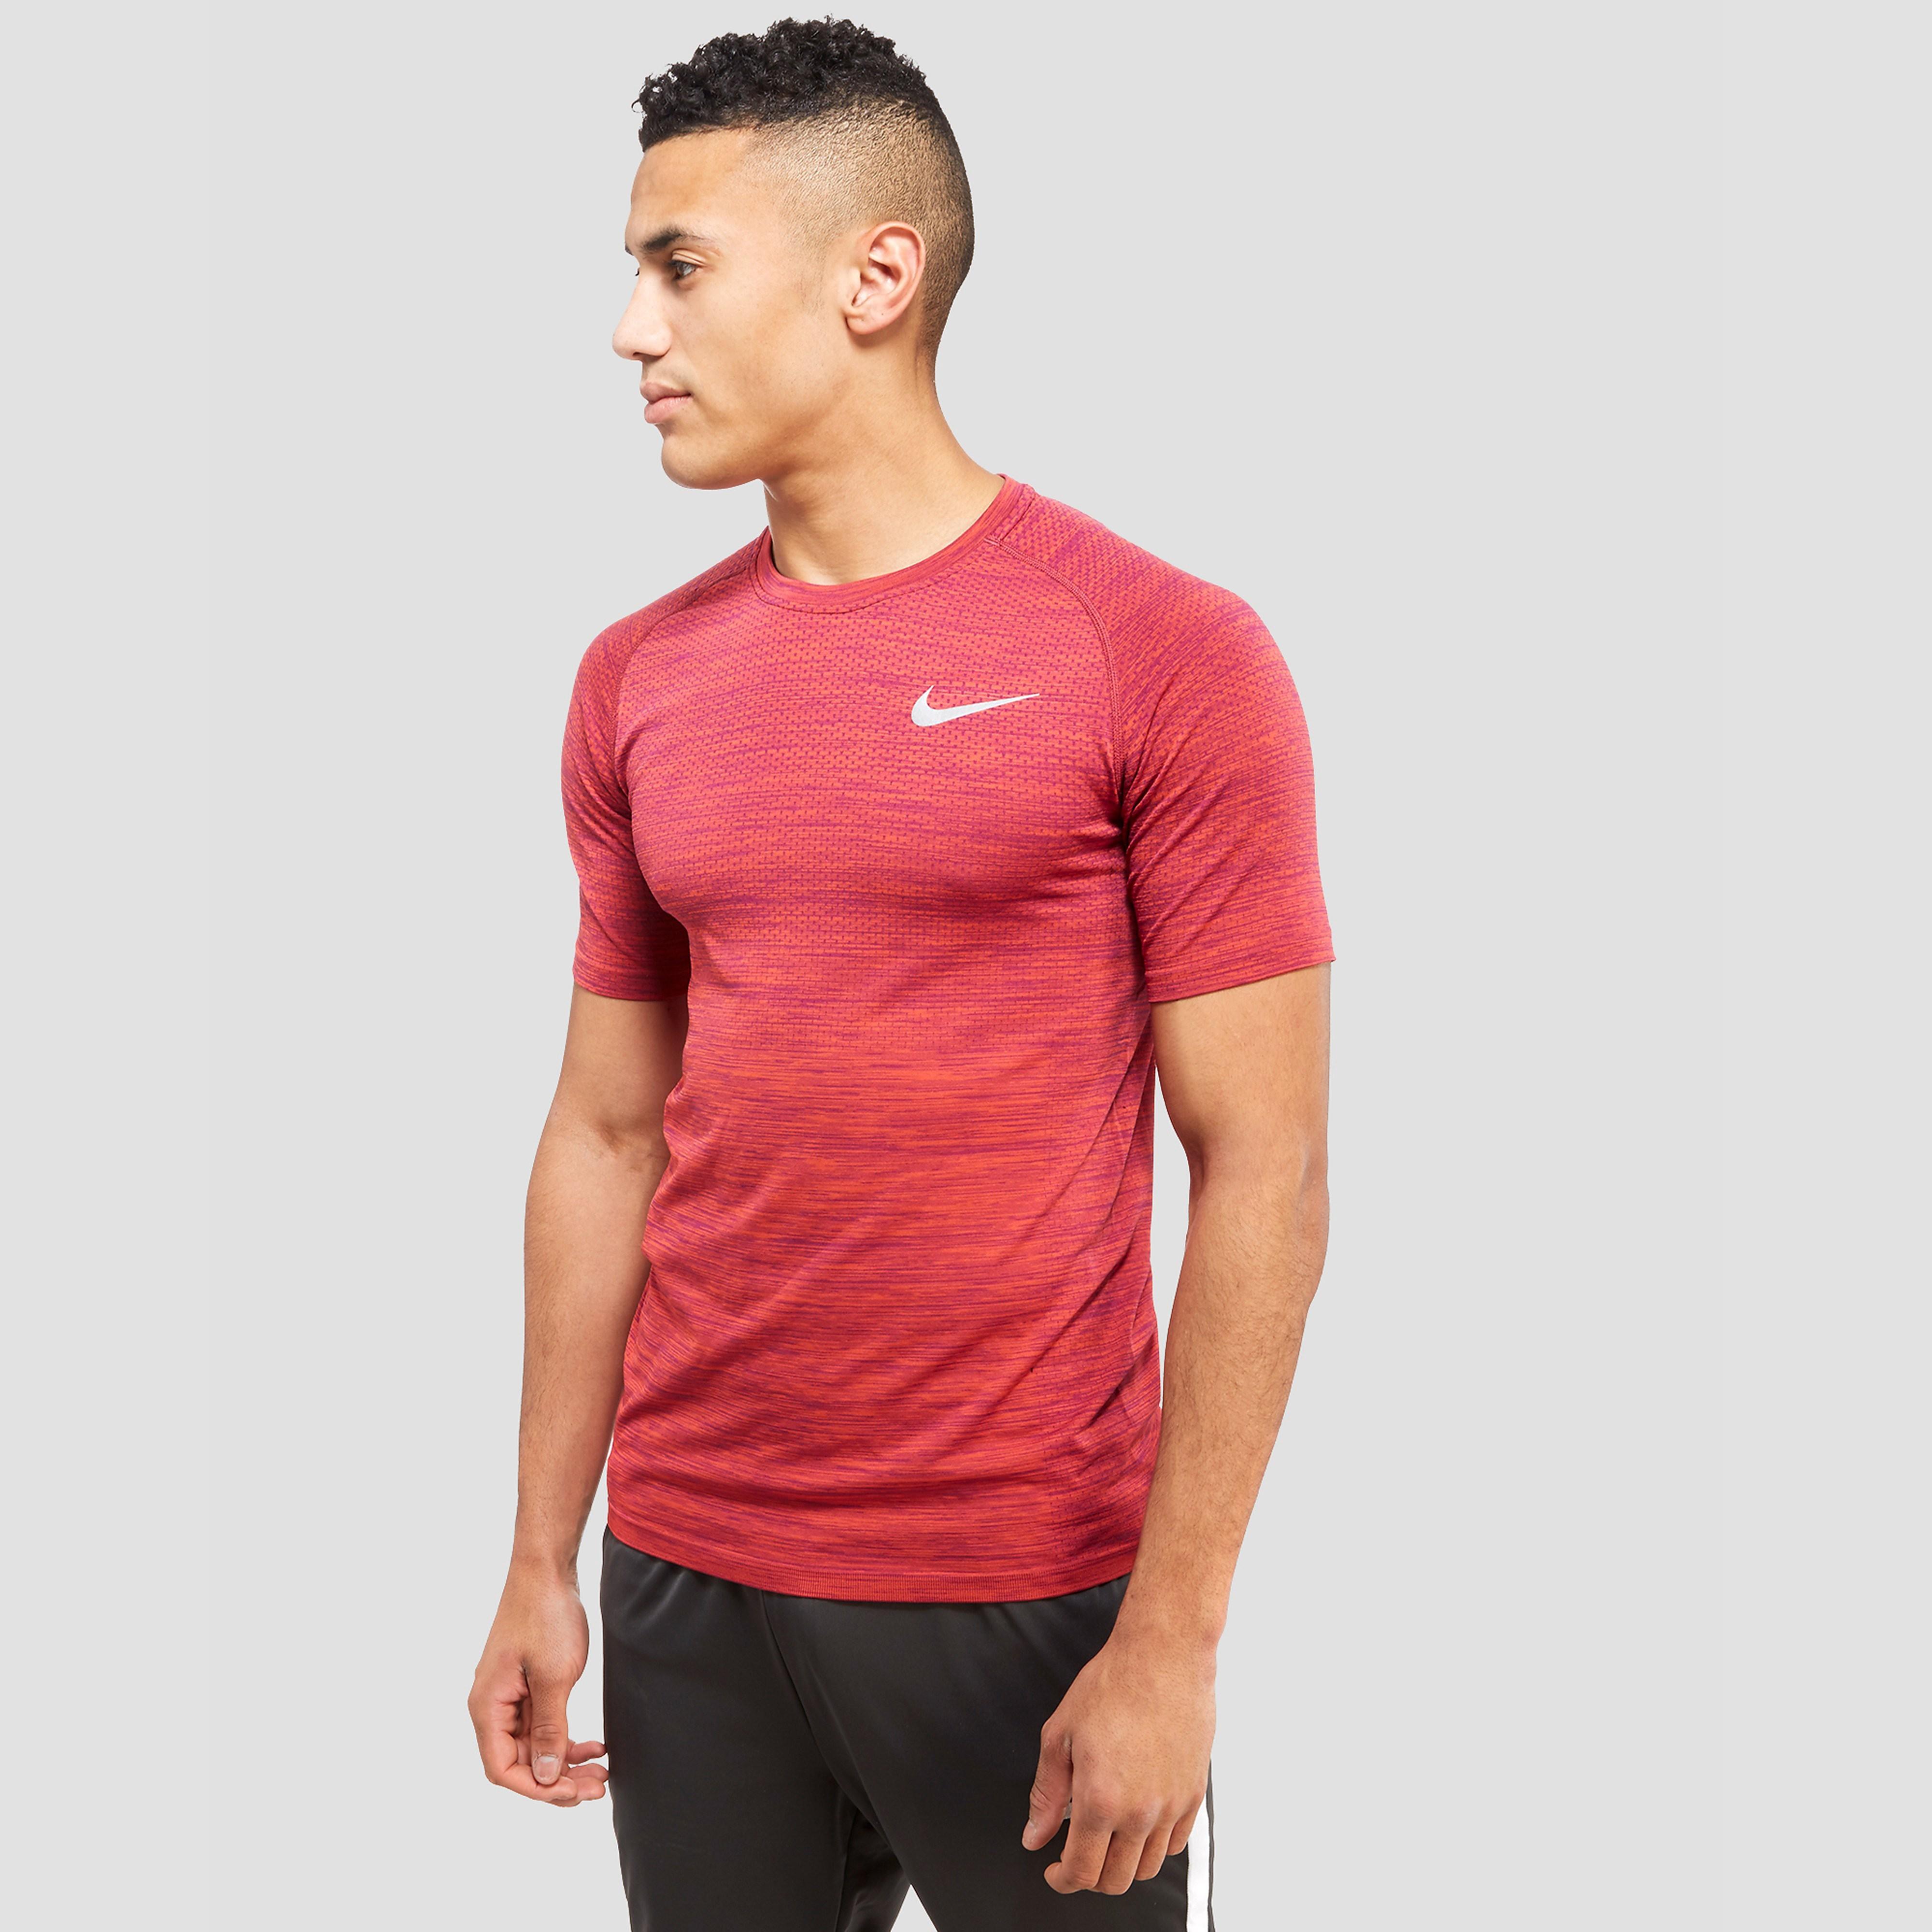 Nike Men's Dri-FIT Knit Running Top